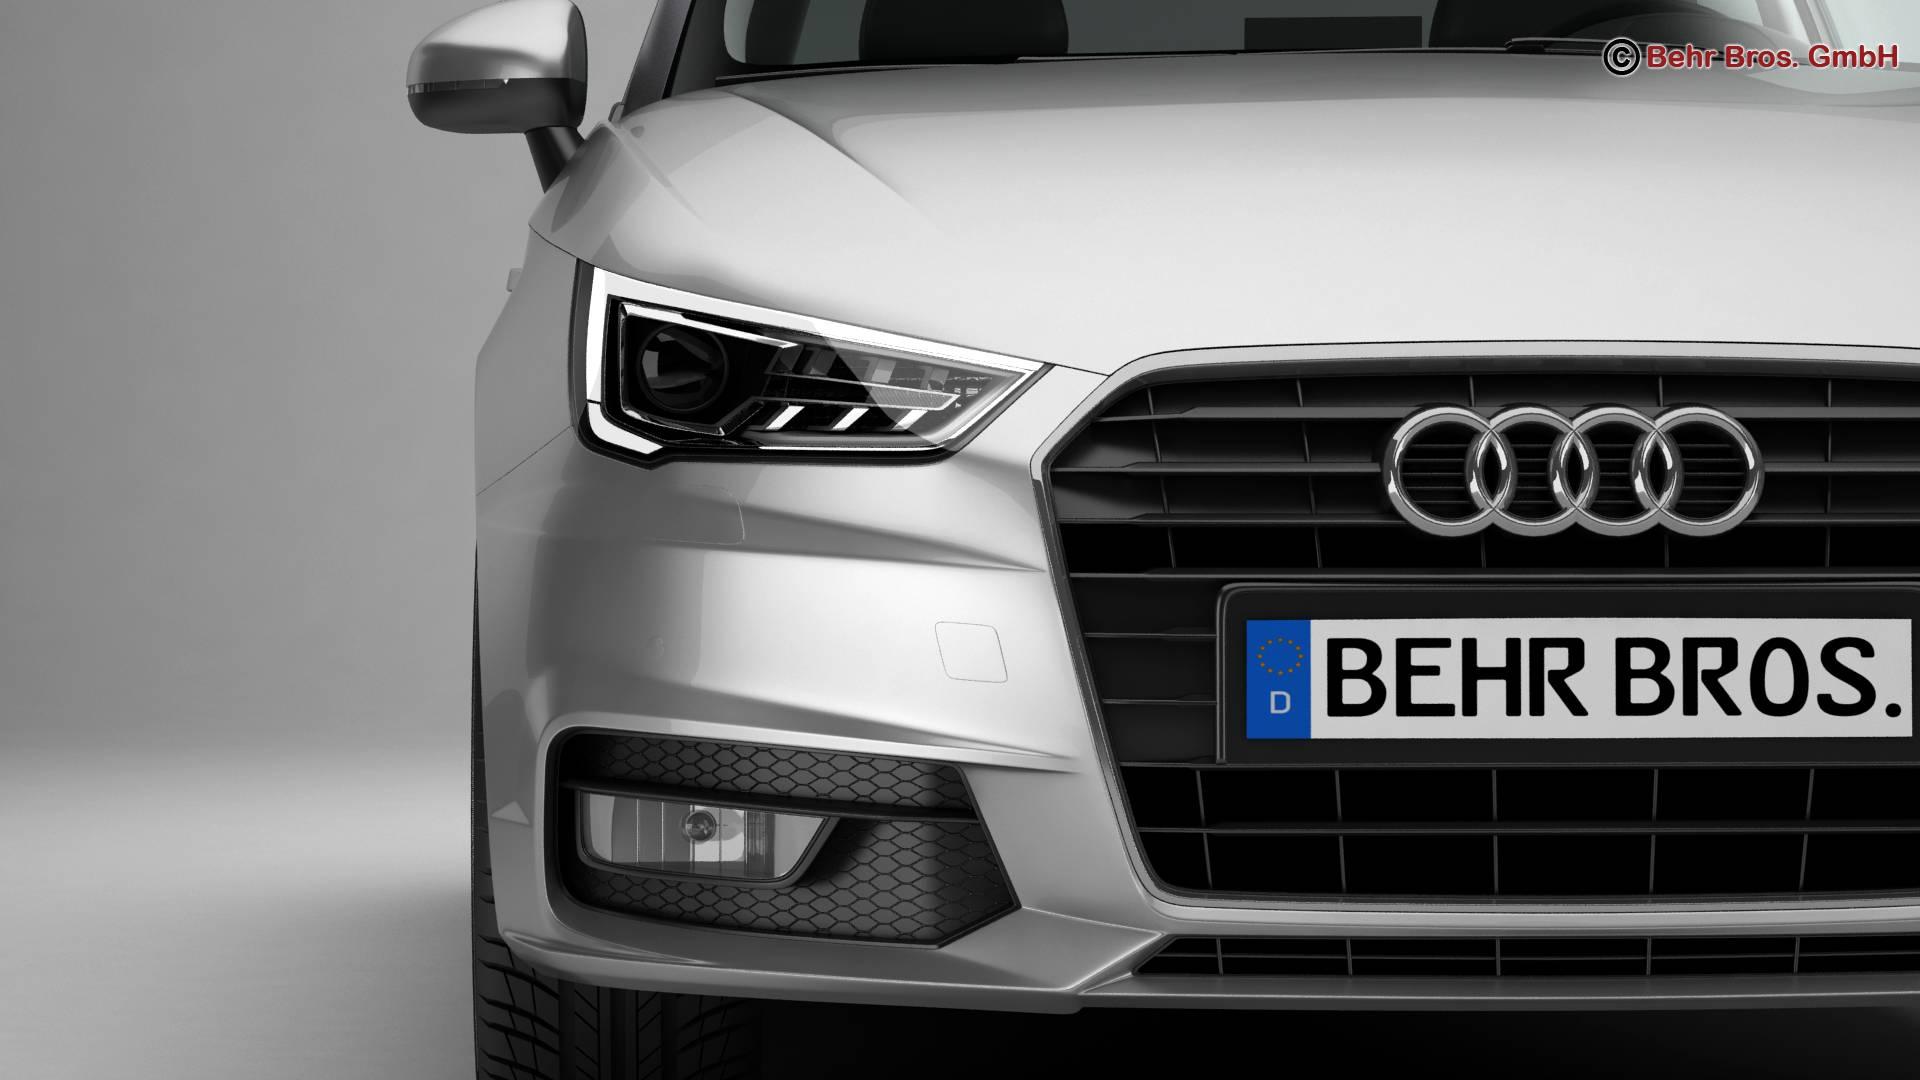 Audi a1 2015 3d model 3ds max fbx c4d am fwy o wybodaeth 214702